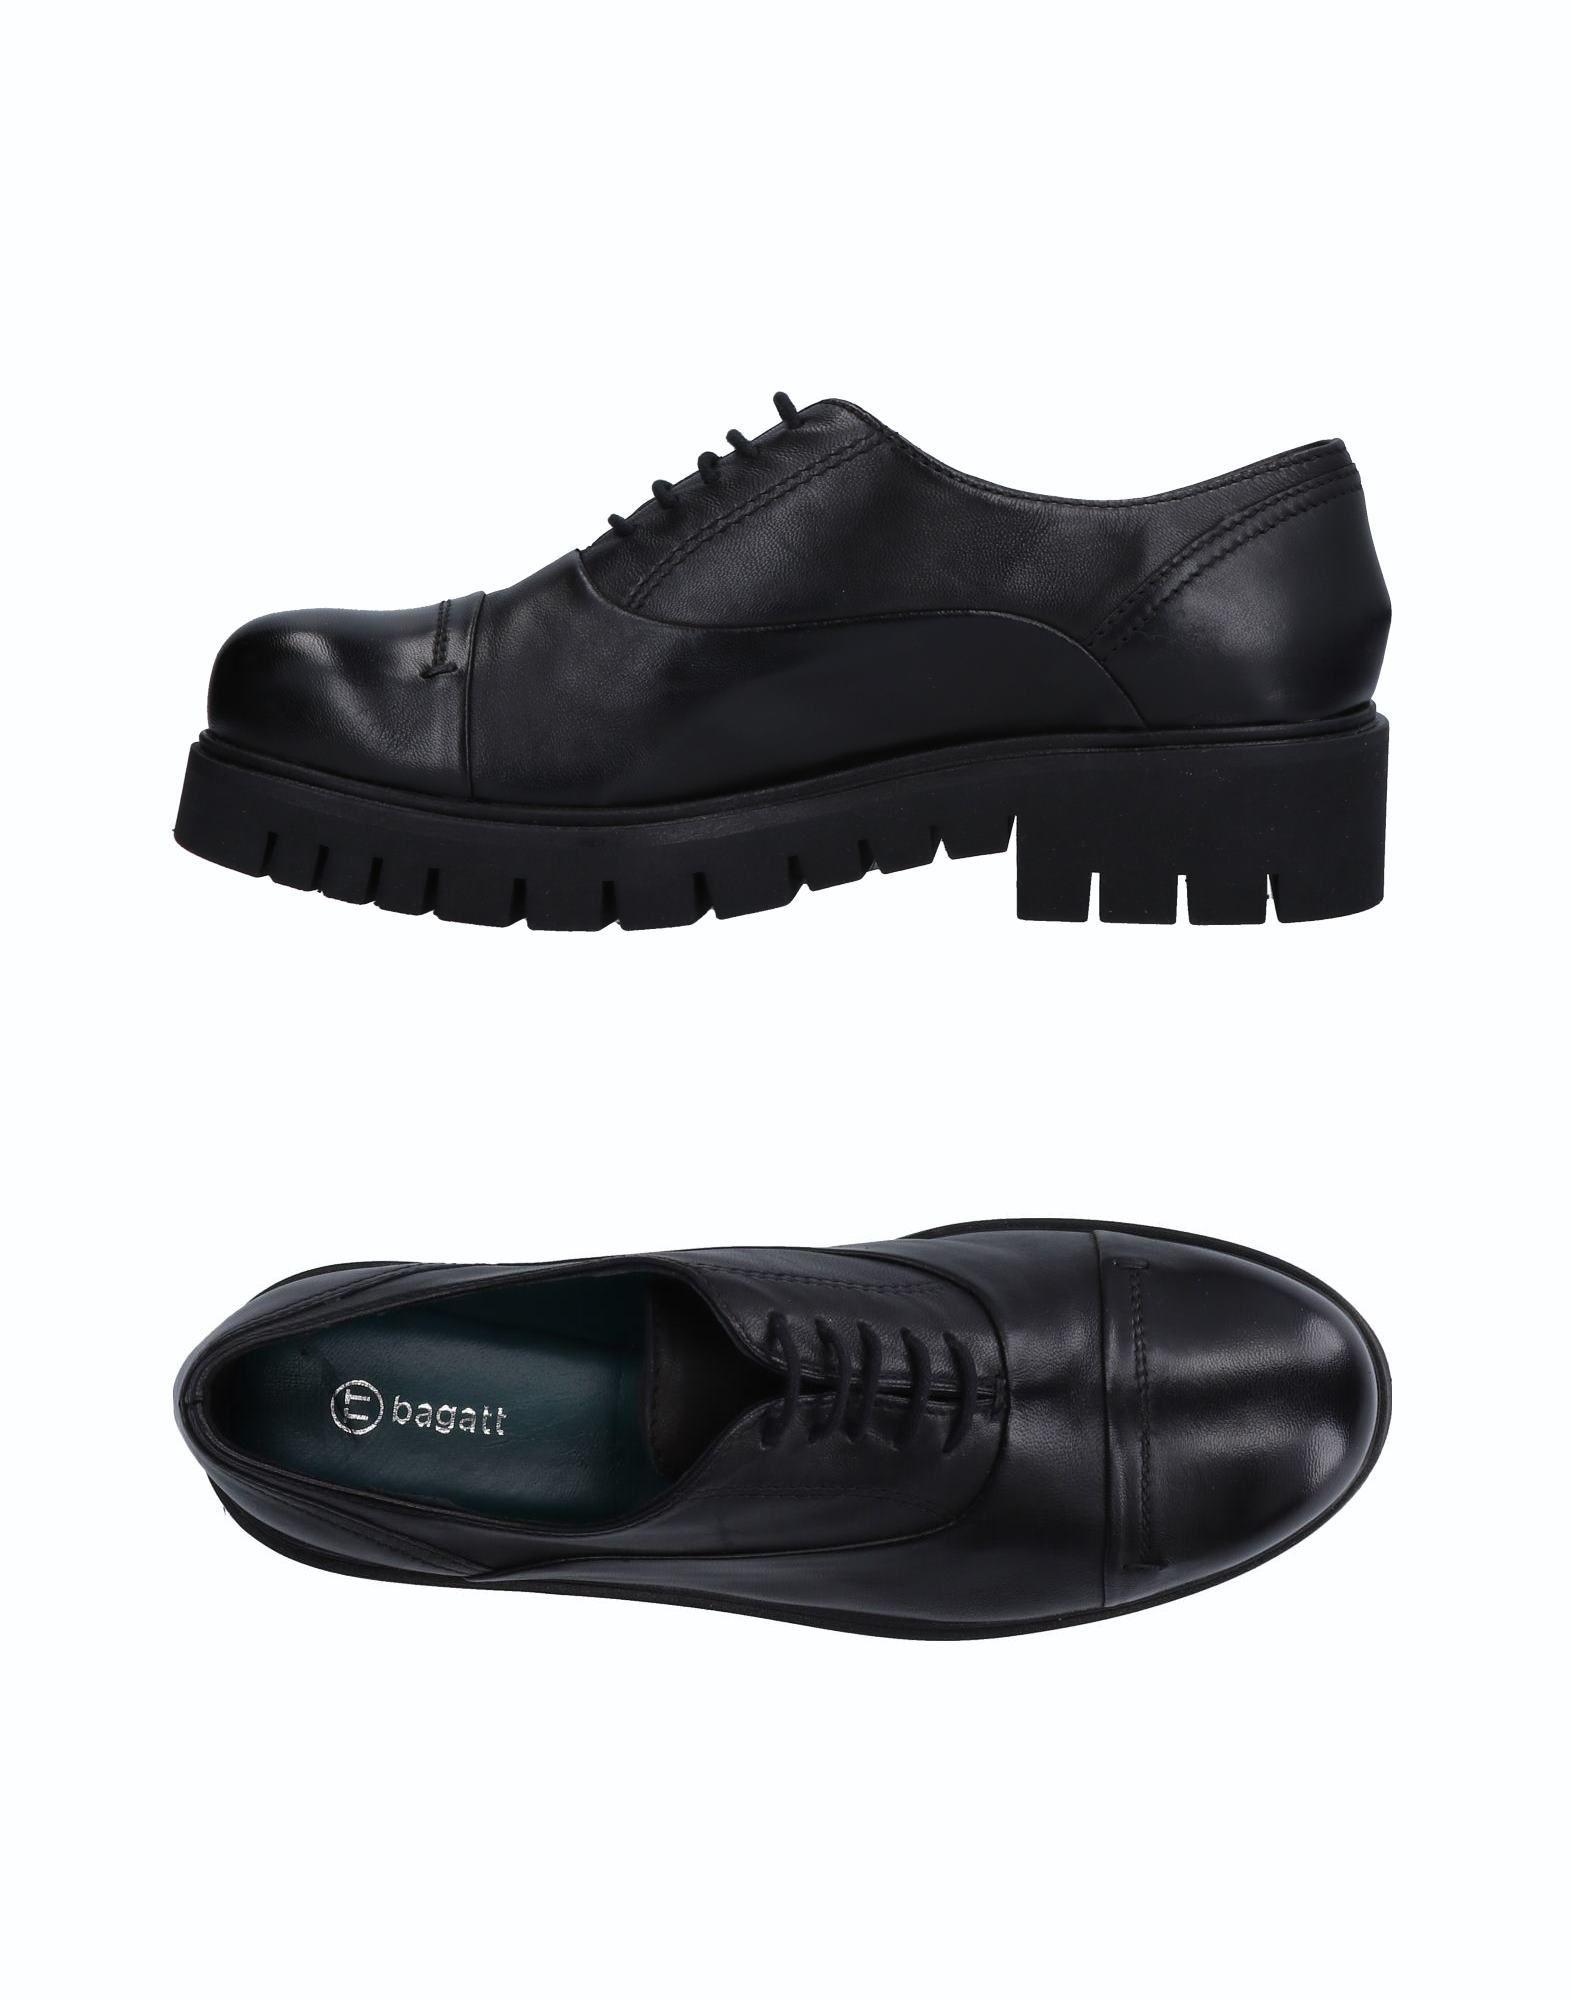 Bagatt Schnürschuhe Damen  11513250KR Gute Qualität beliebte Schuhe